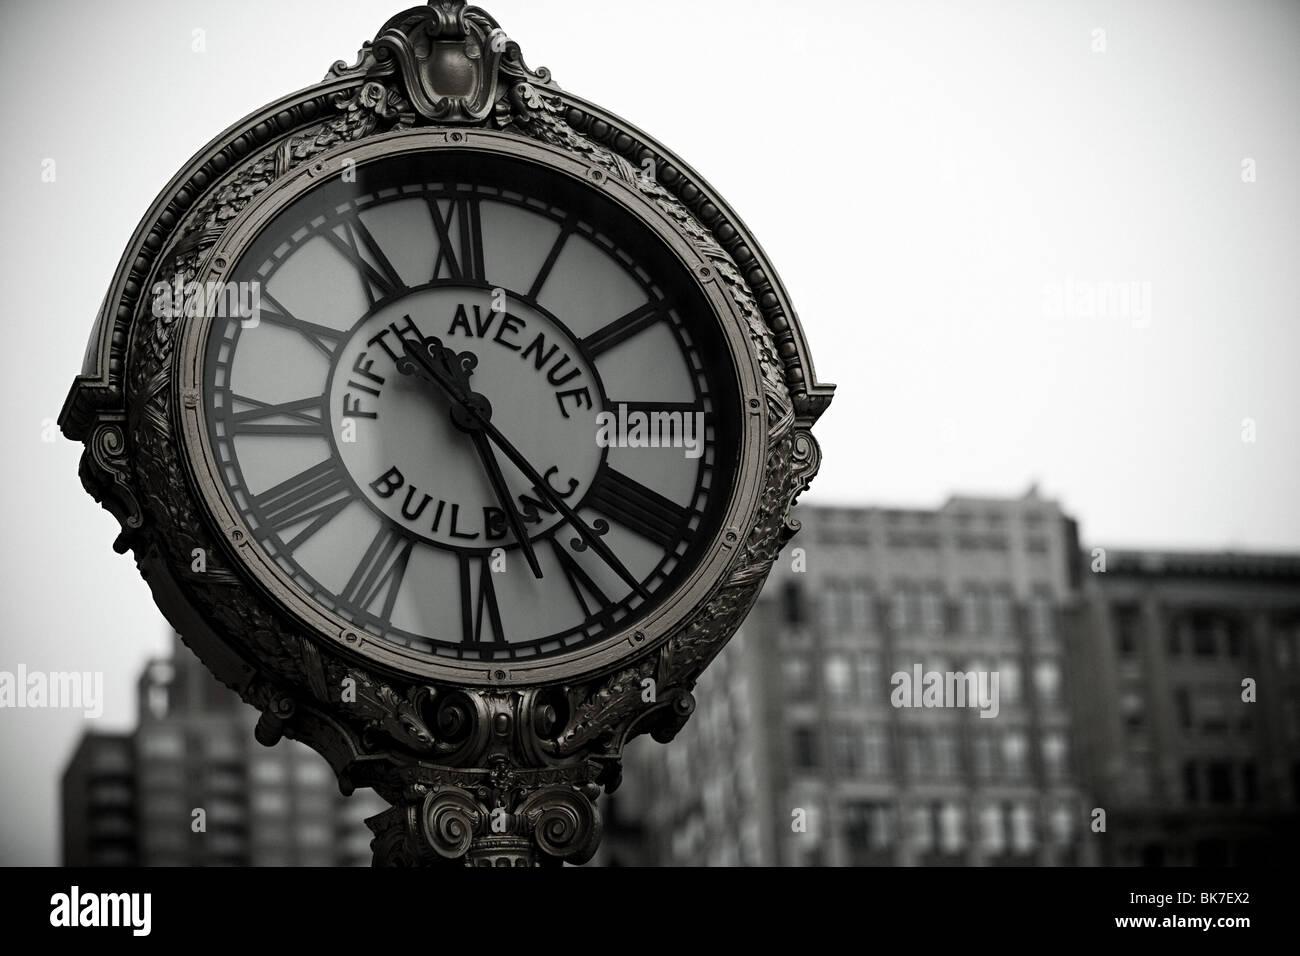 Fifth Avenue Uhr Stockbild